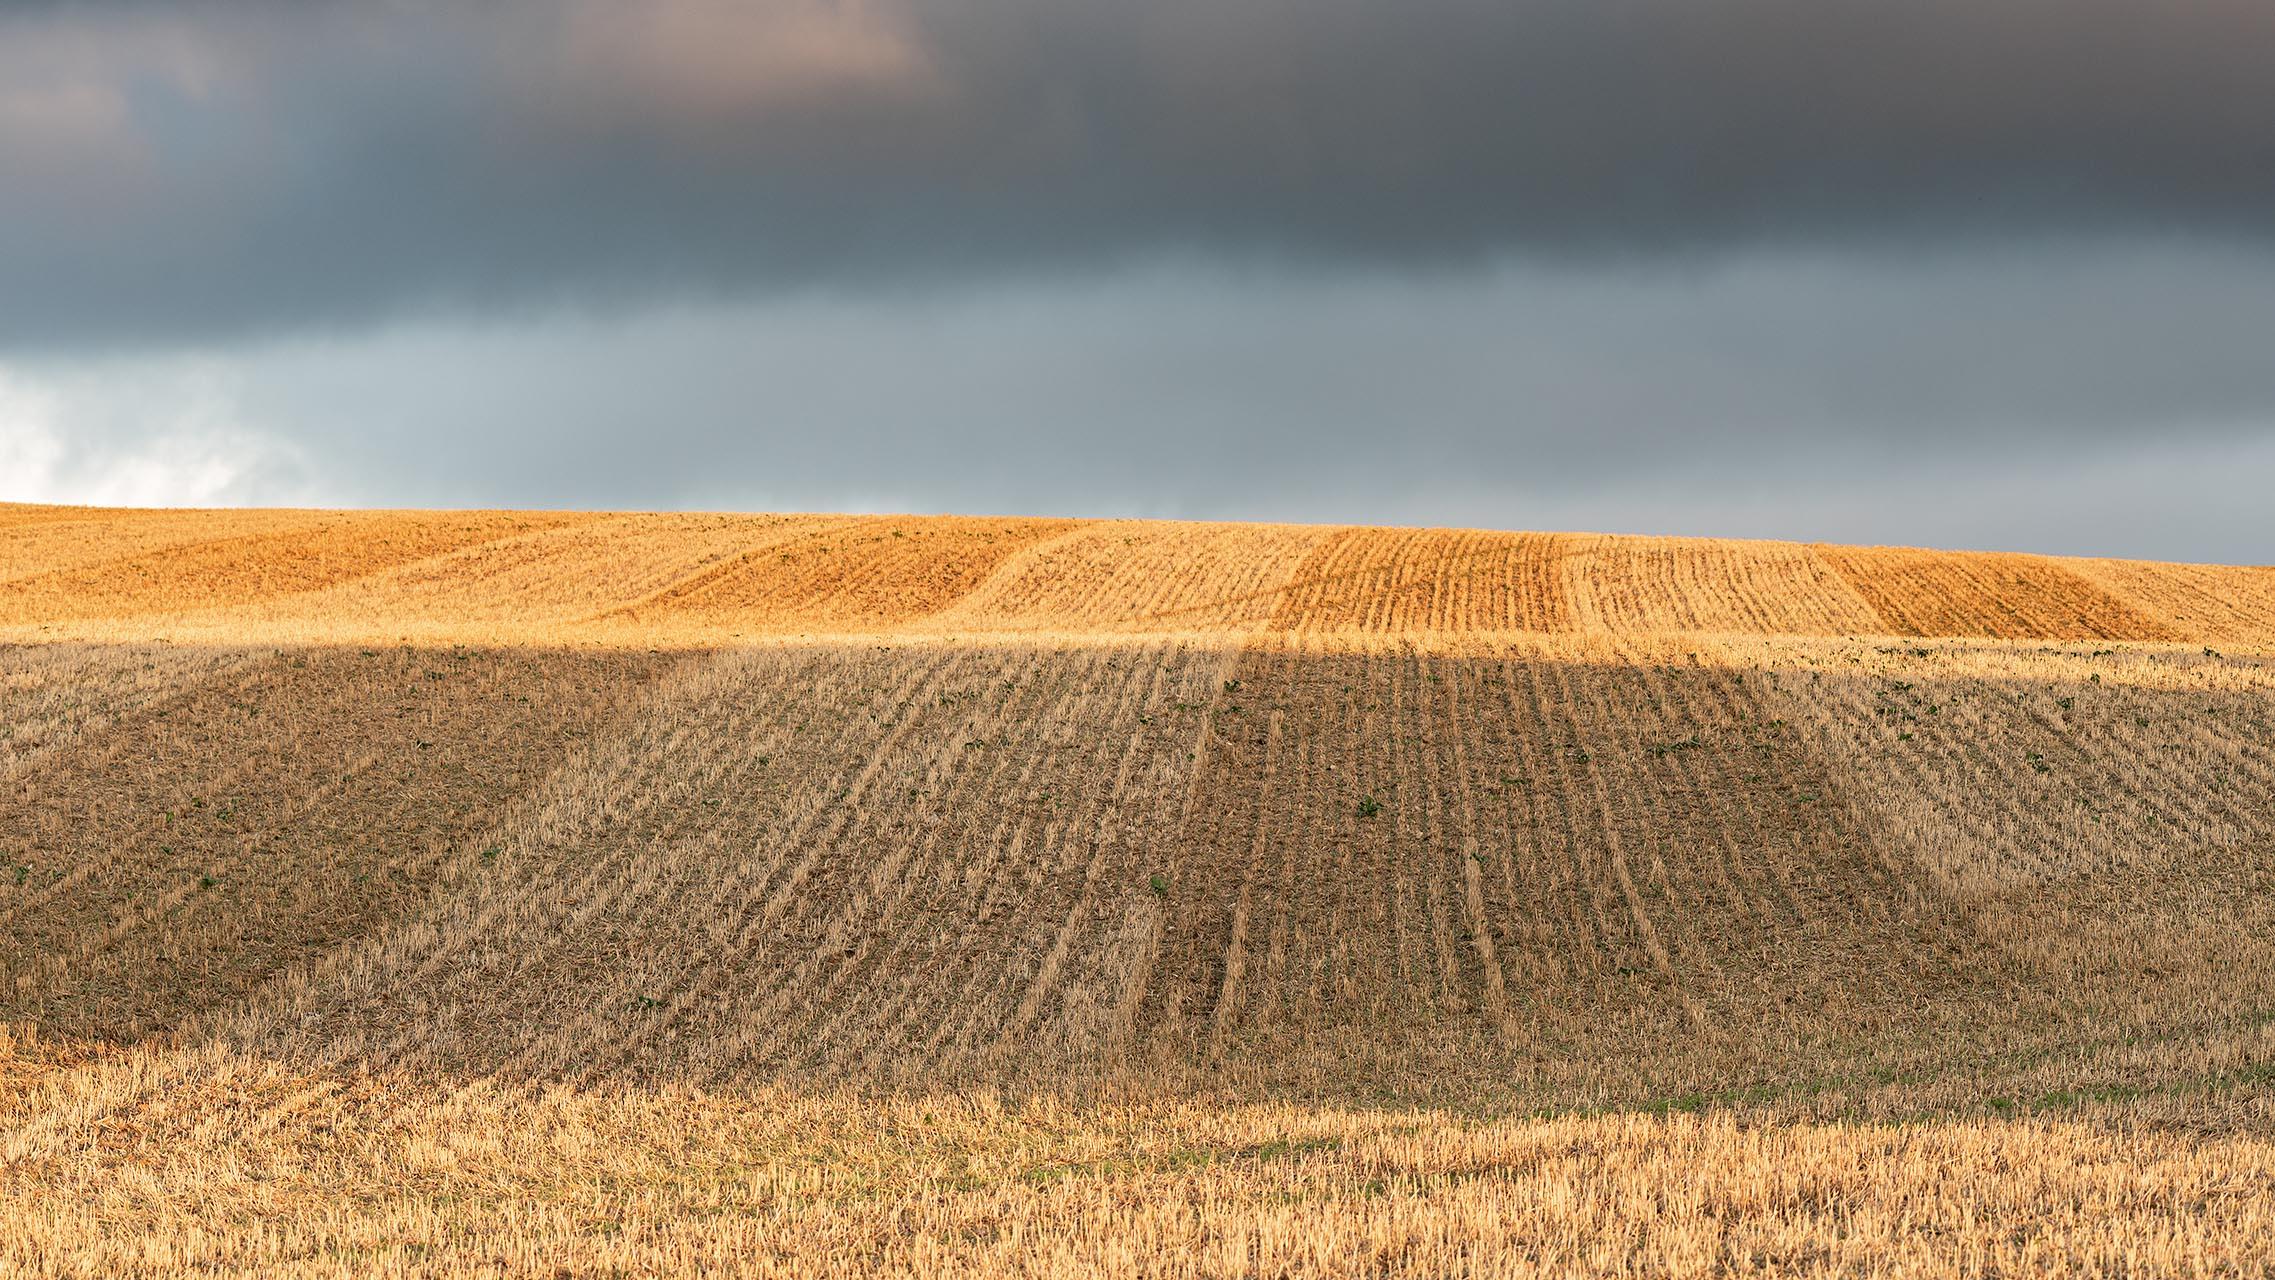 Op Møn staan in het glooiende landschap enorme graanvelden aan de rand van de zee